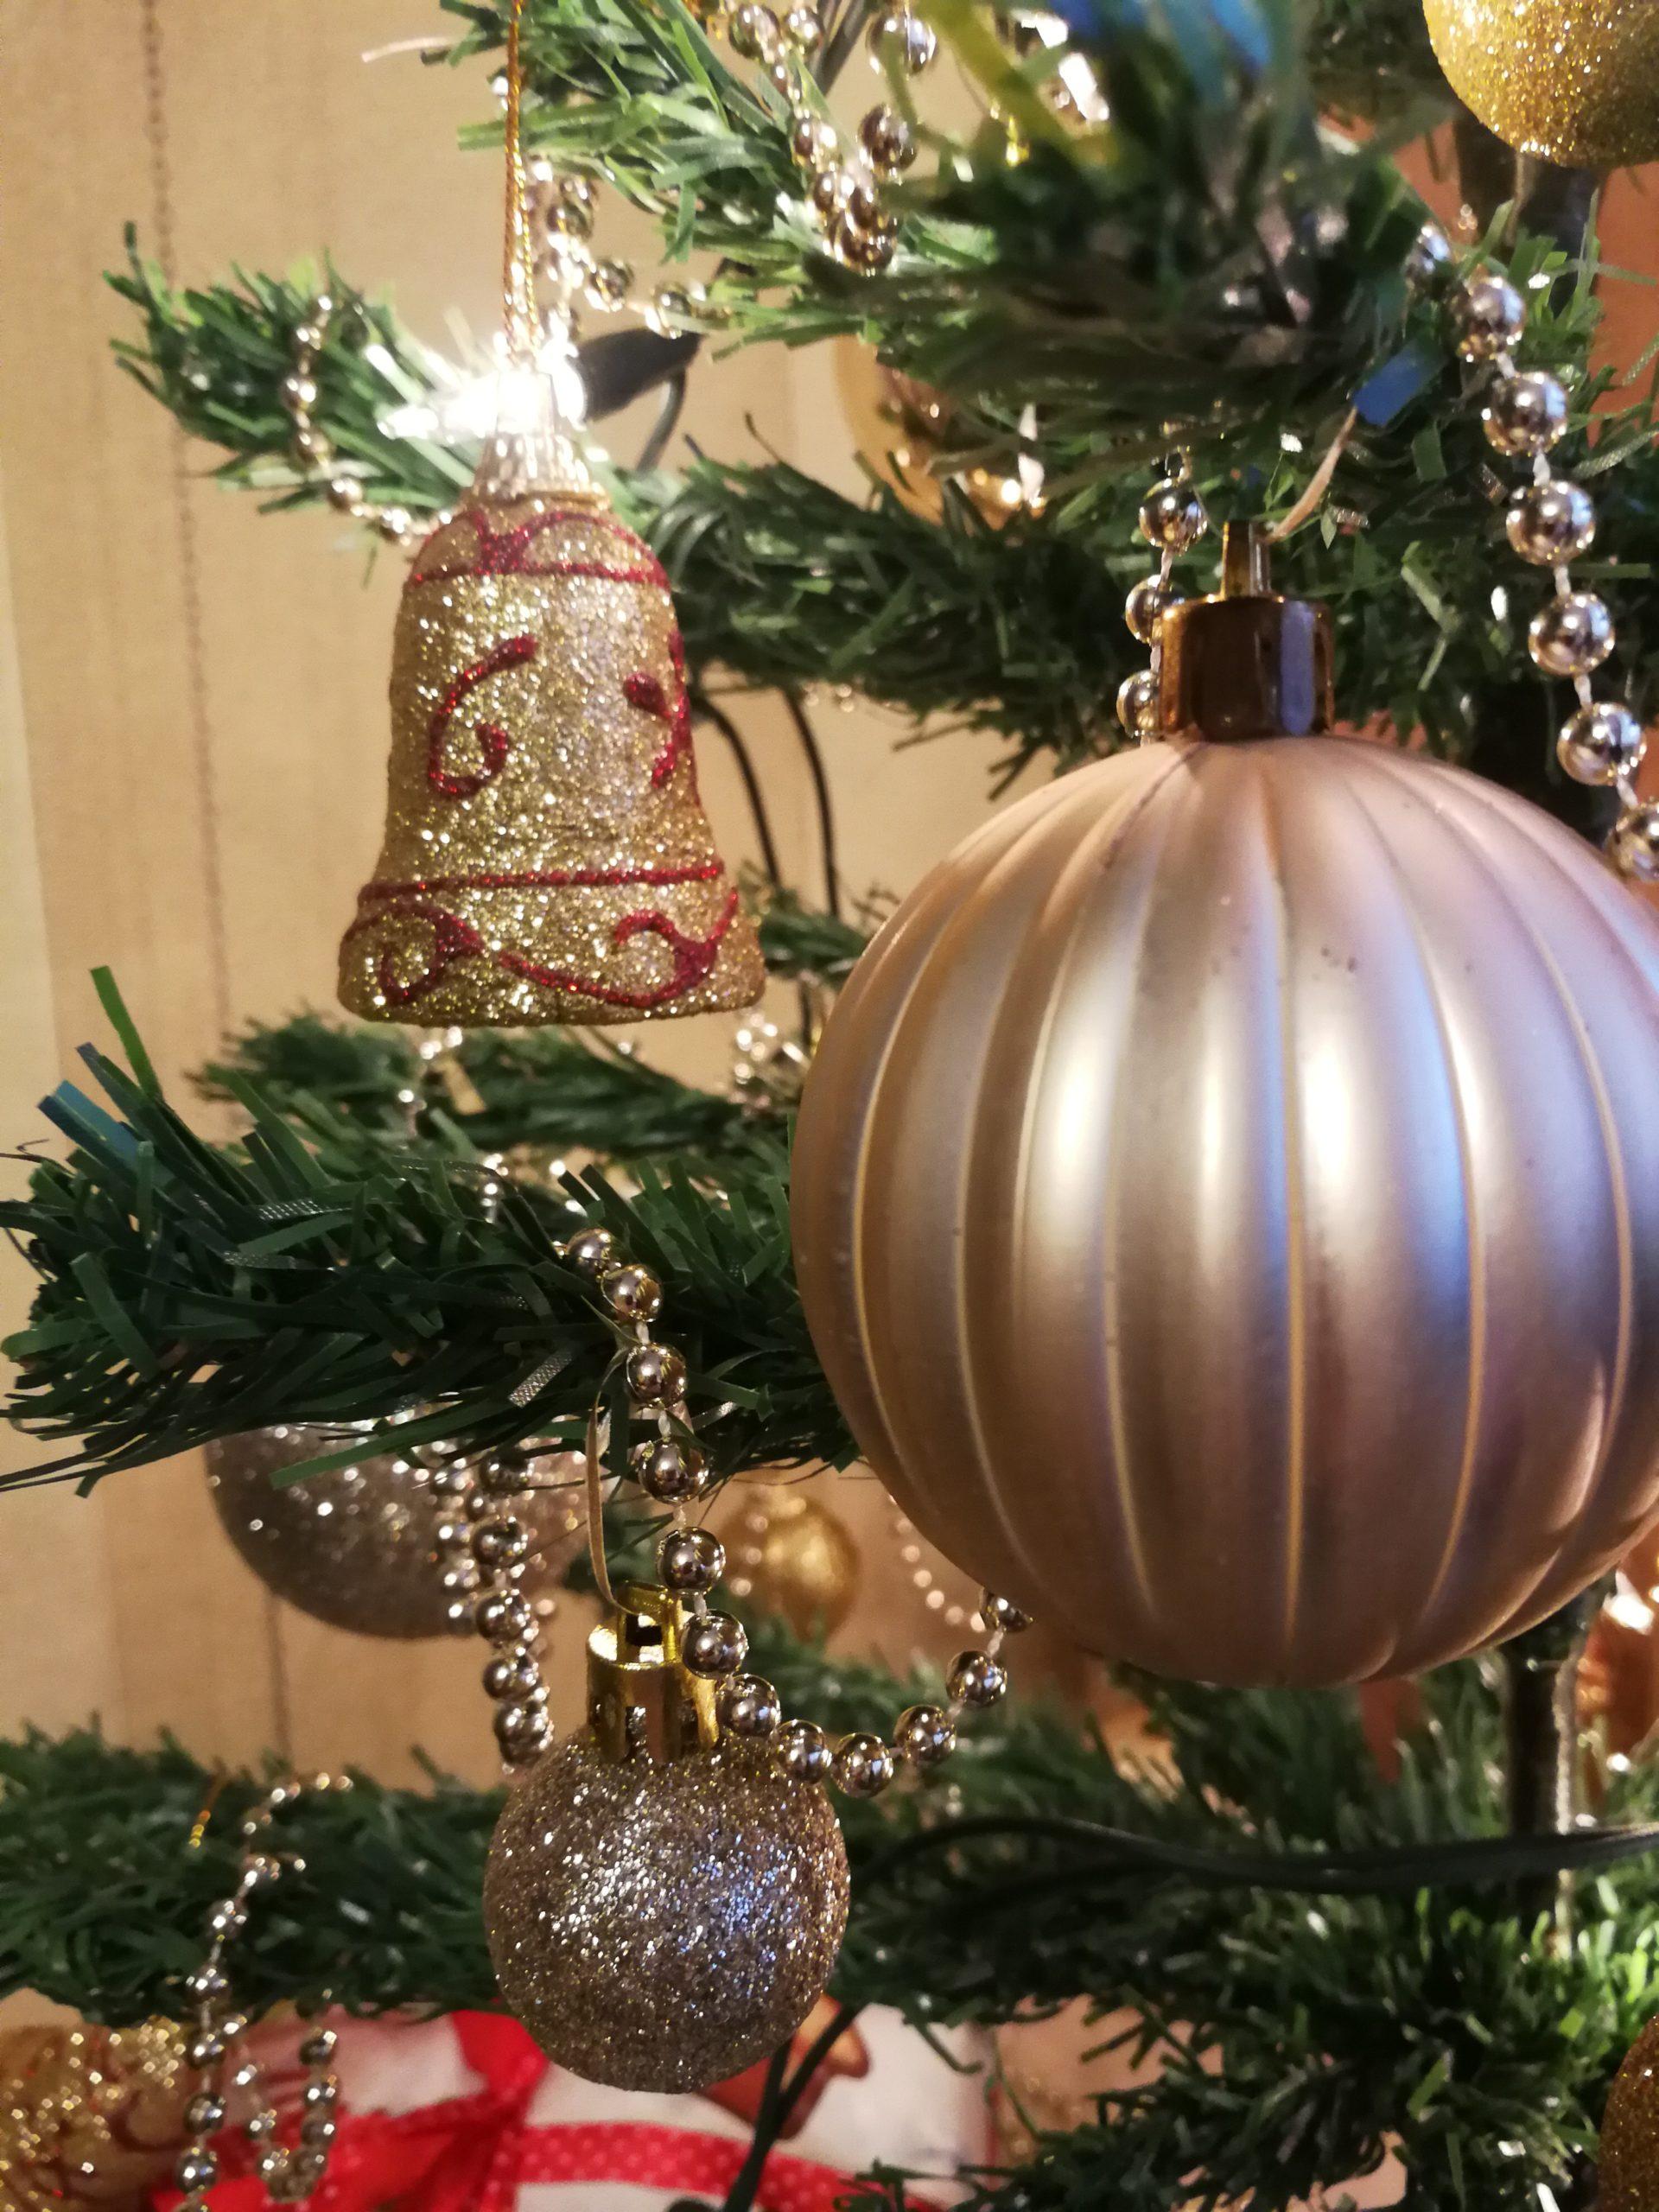 Spokojnych świąt Bożego Narodzenia, spędzonych z bliskimi, w ciepłej, rodzinnej atmosferze